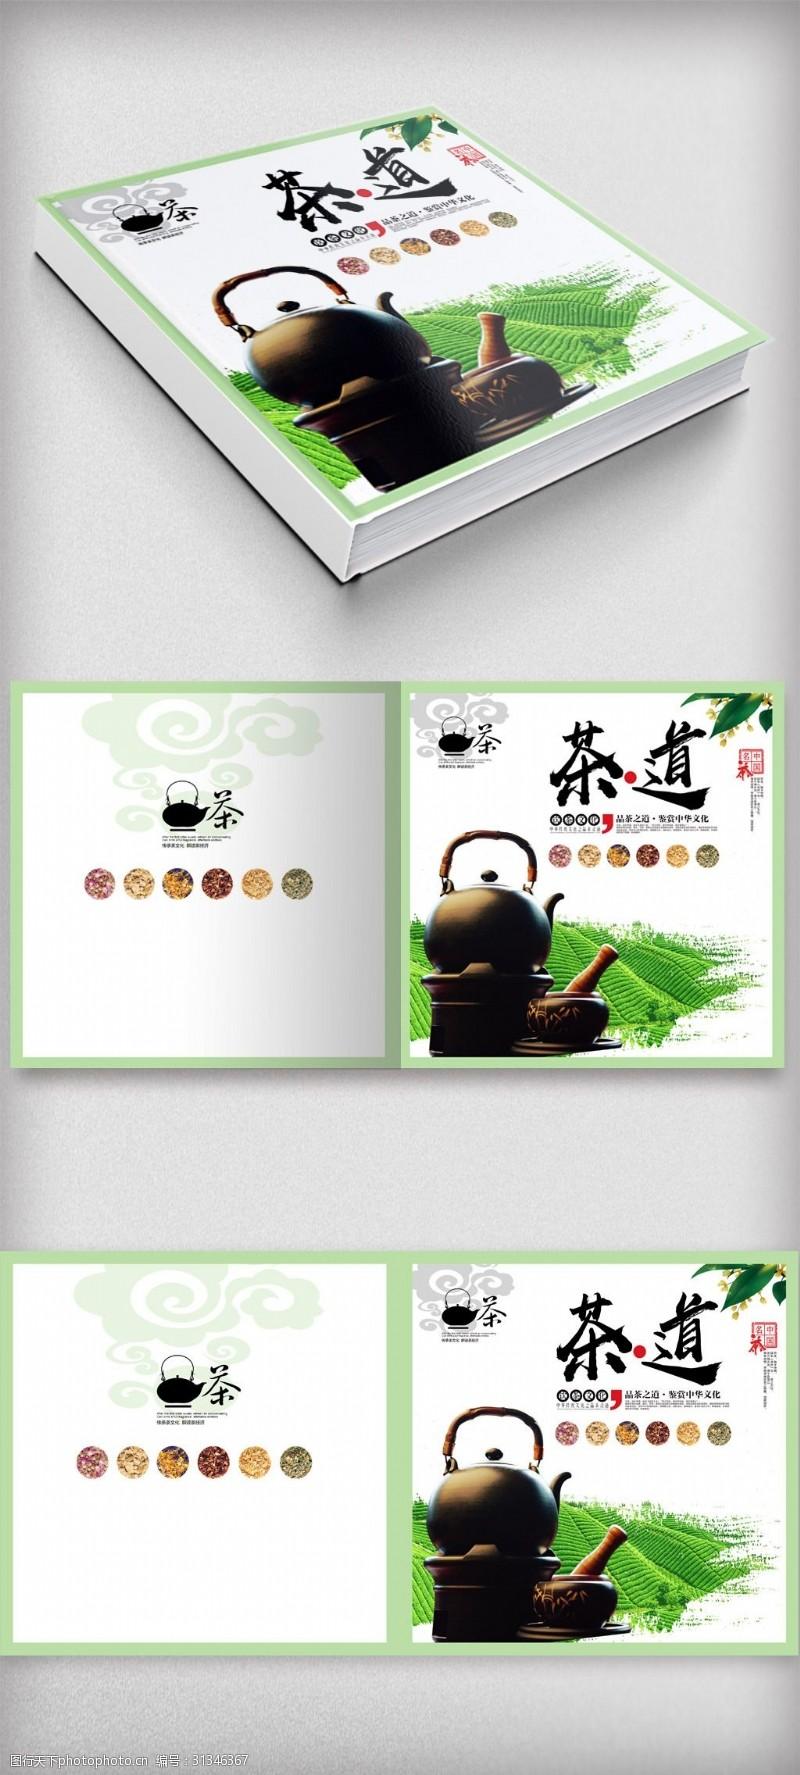 以茶会友中国风清爽茶文化茶叶画册封面